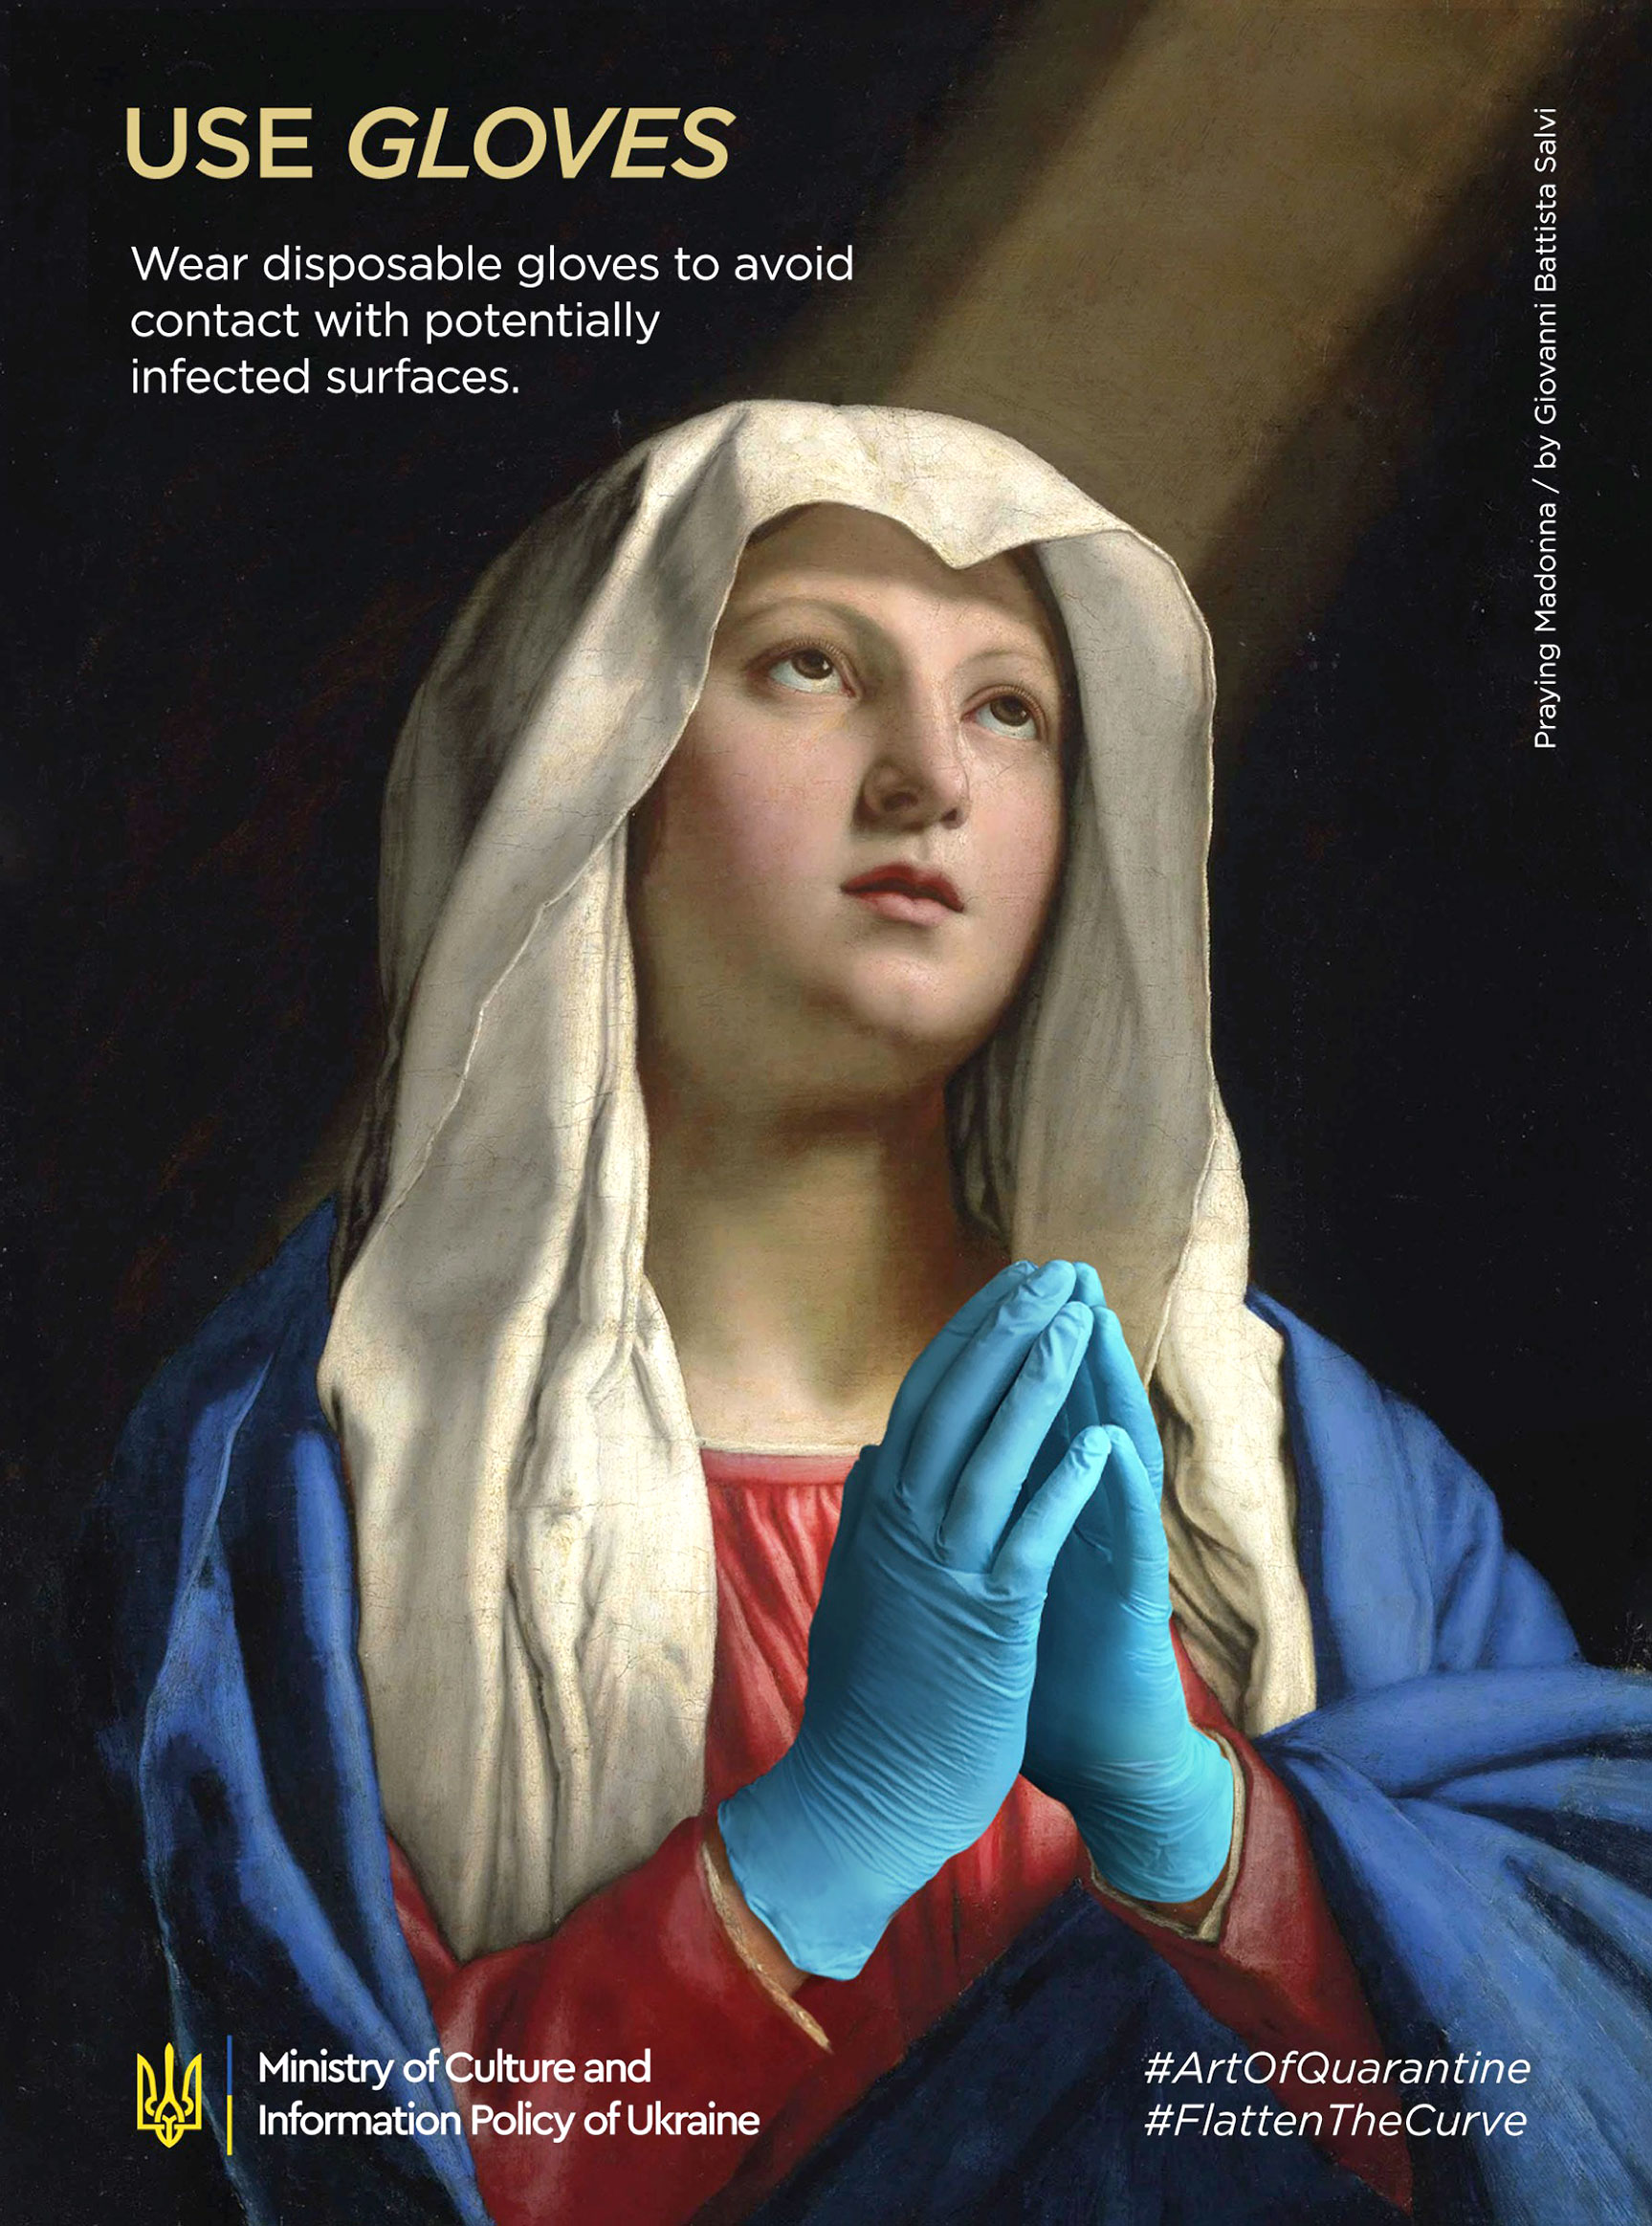 Информационные плакаты, подготовленные Министерством культуры Украины / Используйте перчатки